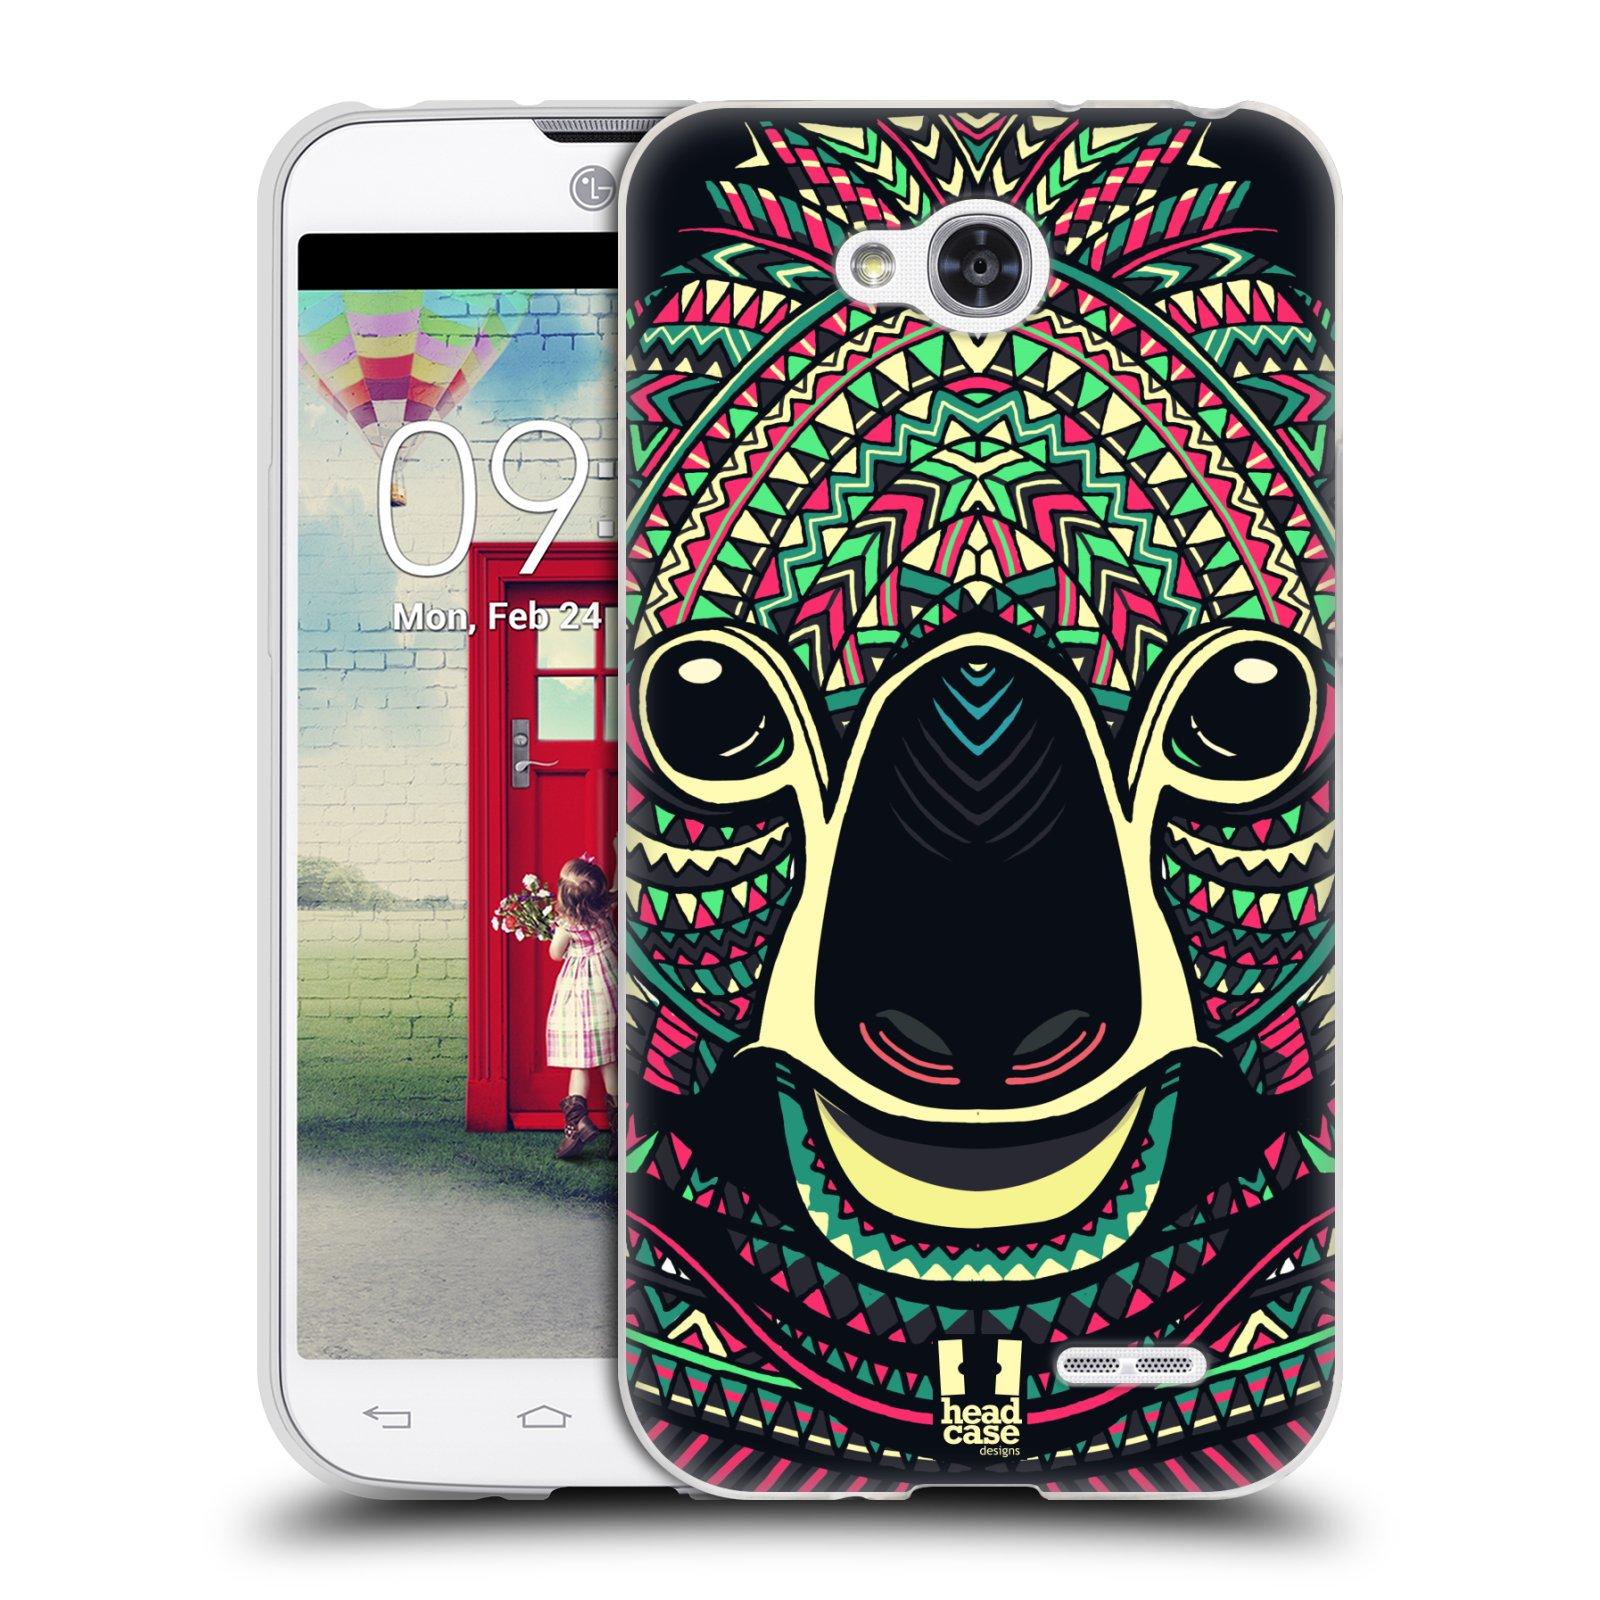 Silikonové pouzdro na mobil LG L90 HEAD CASE AZTEC KOALA (Silikonový kryt či obal na mobilní telefon LG L90 D405n)